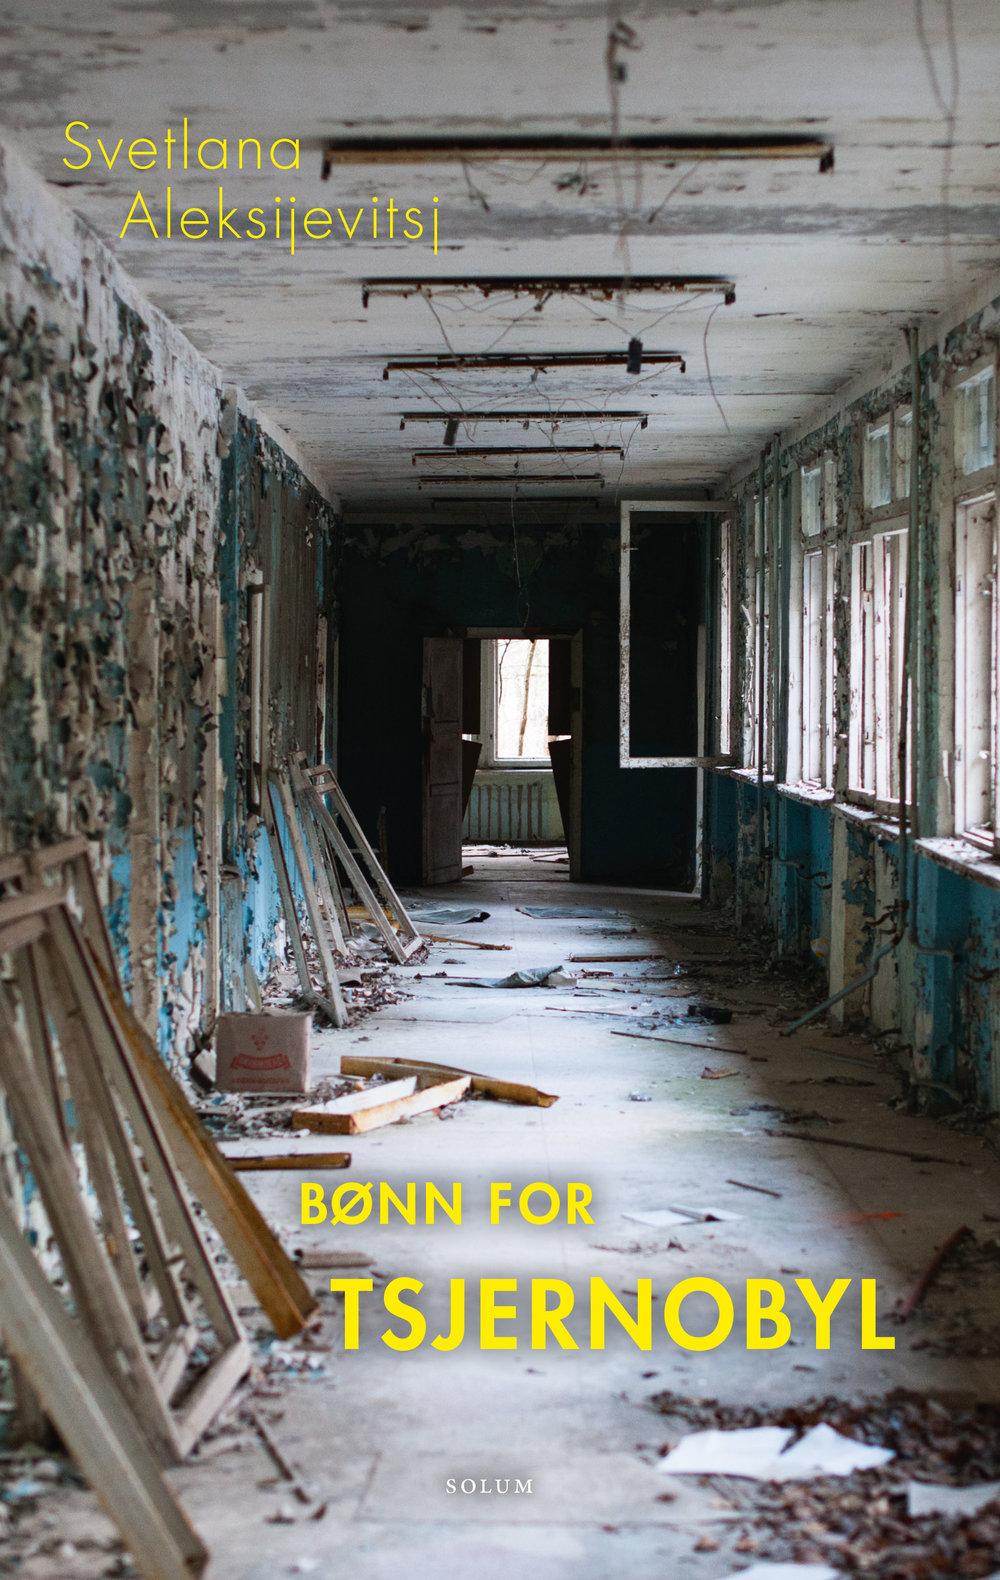 Bønn for Tsjernobyl omslag.jpg